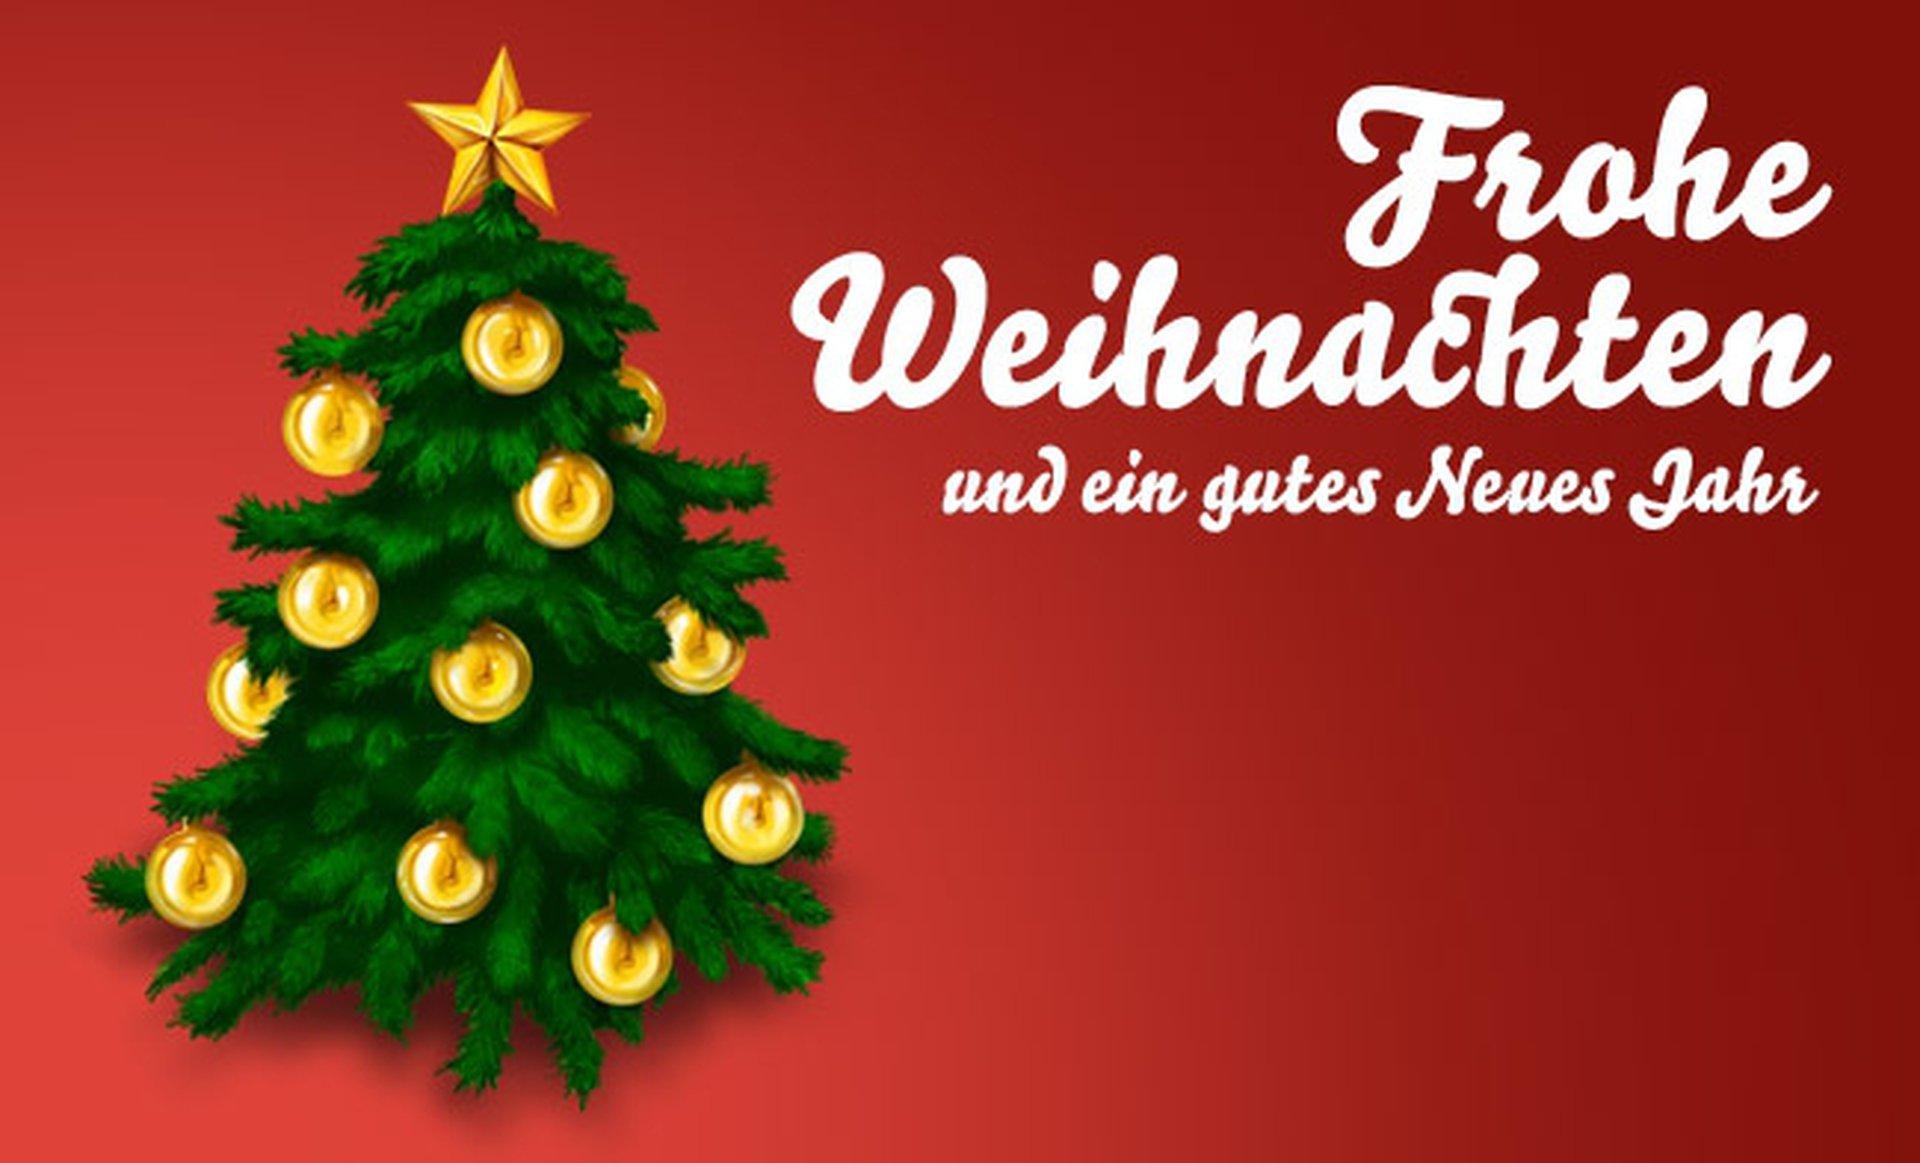 Bilder Frohe Weihnachten Und Ein Gutes Neues Jahr.Freiwillige Feuerwehr Velburg E V Frohe Weihnachten Und Ein Gutes